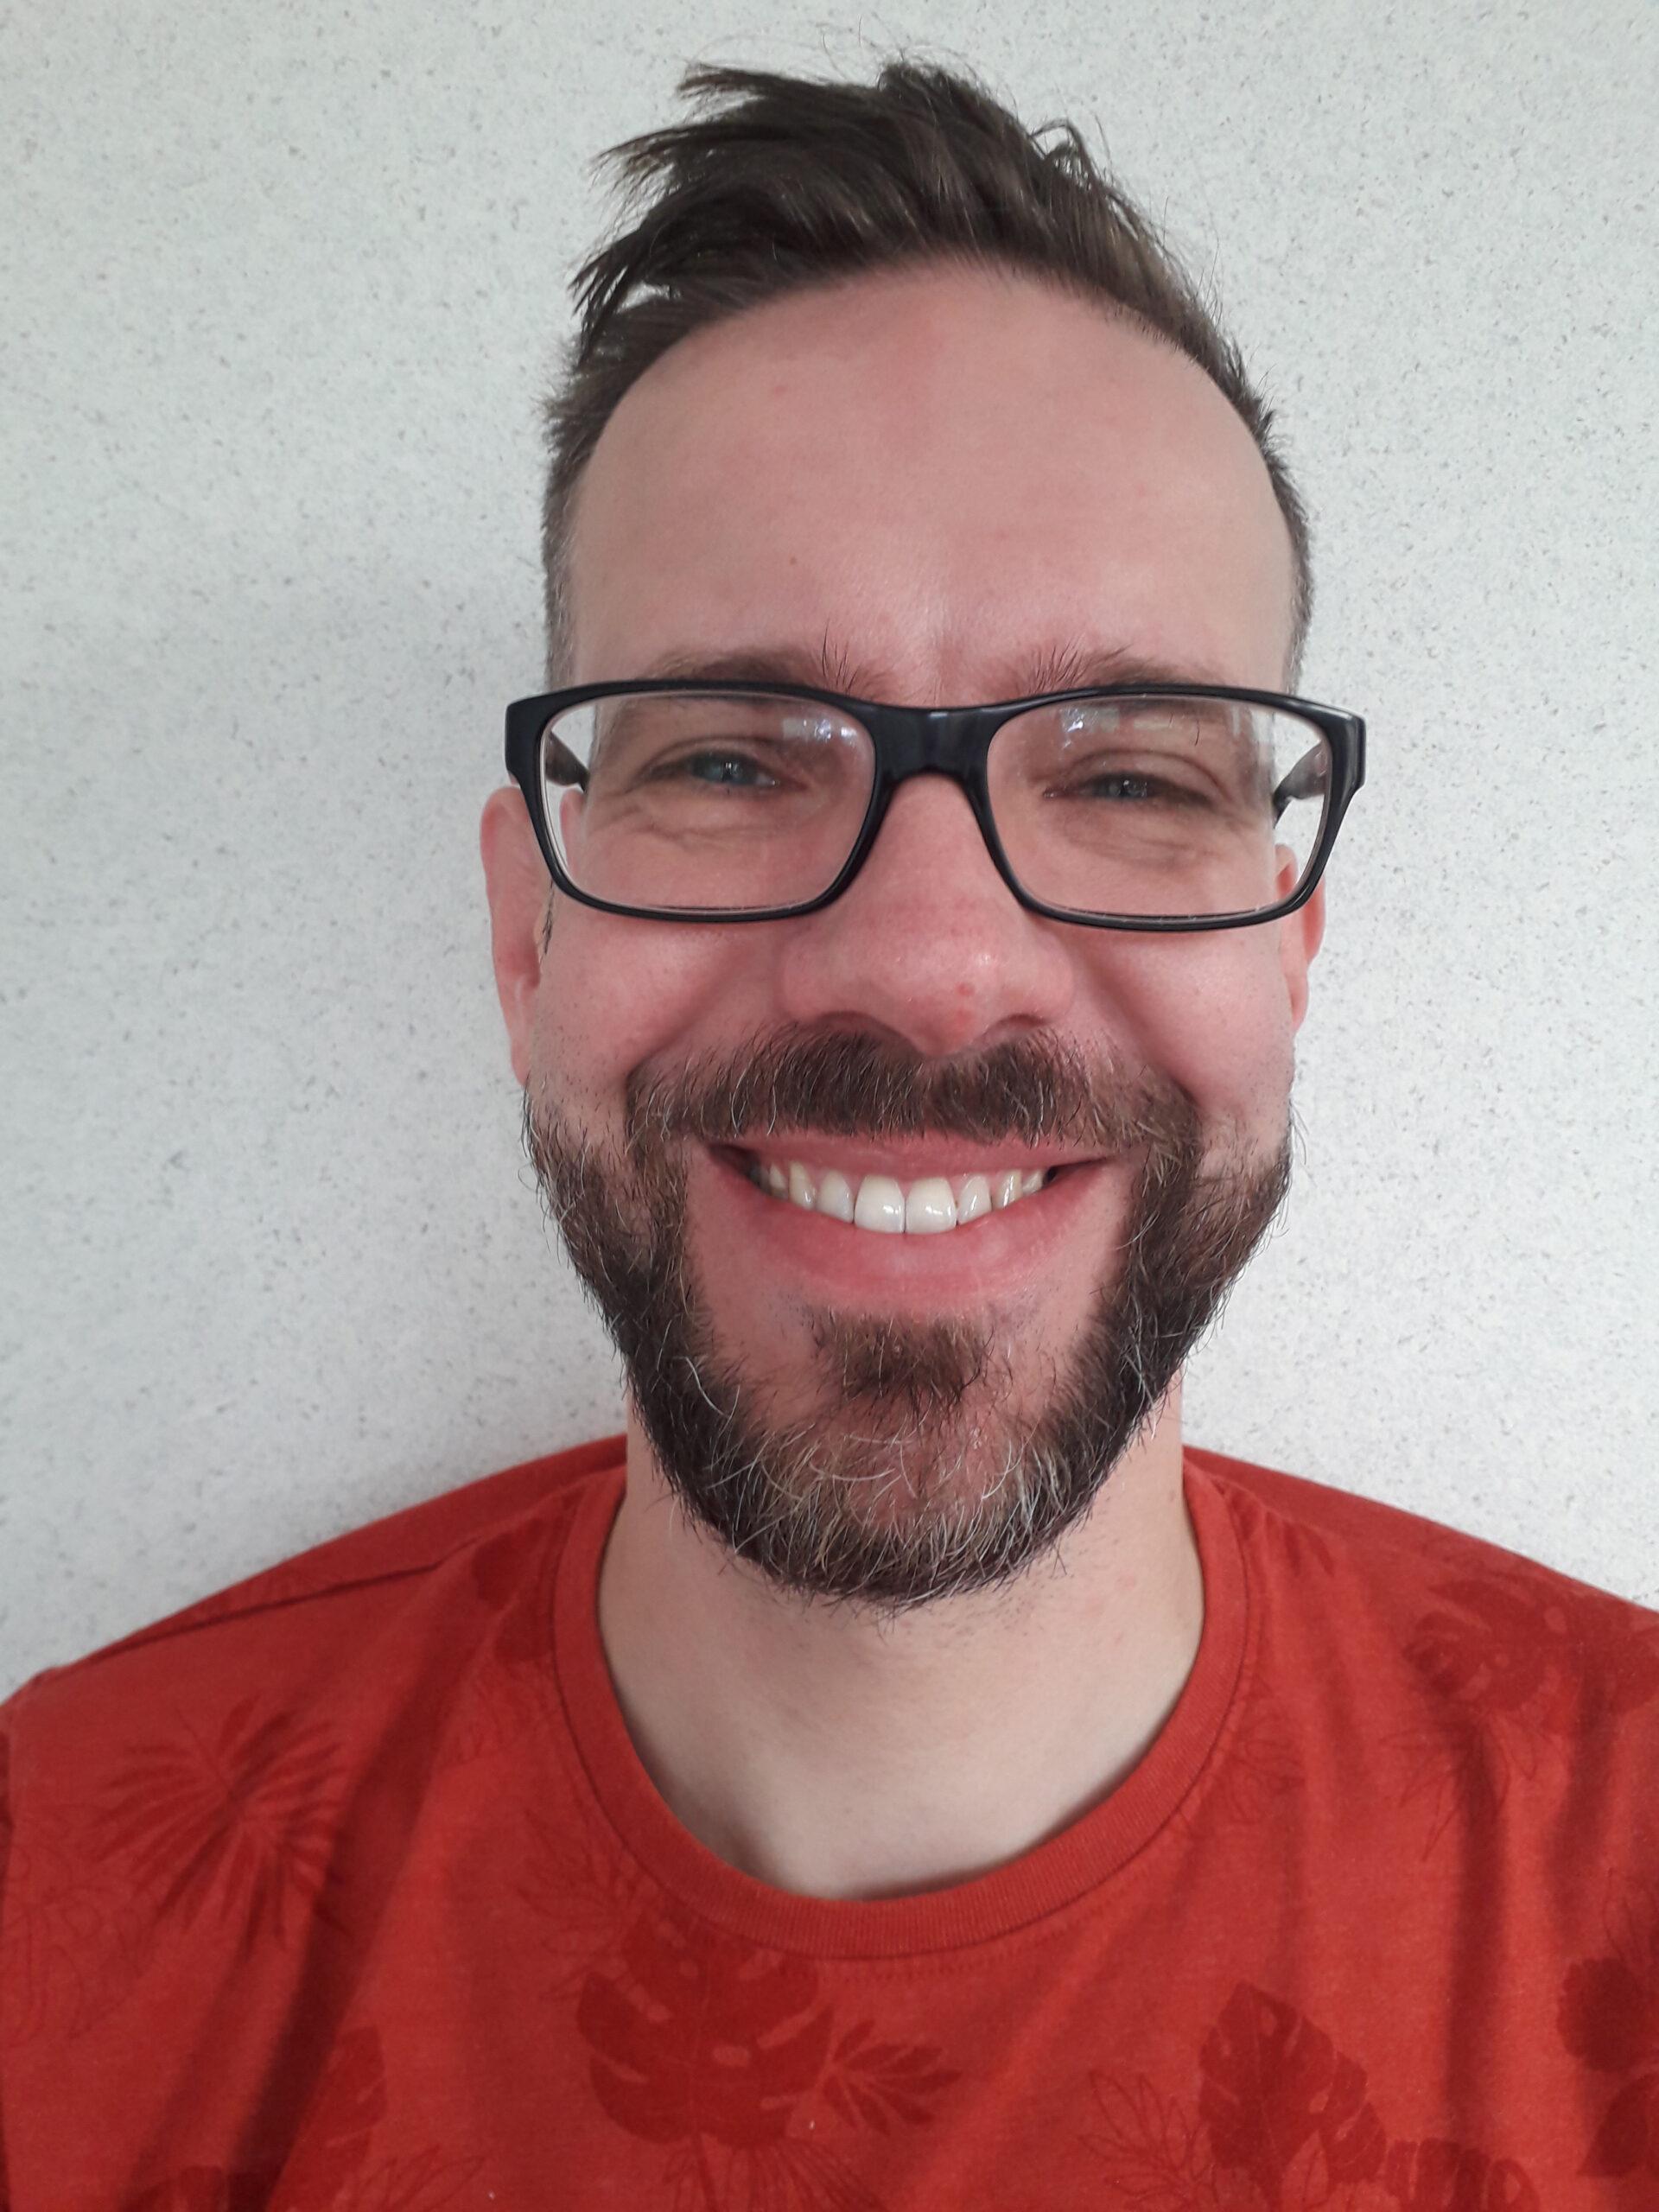 Tomek Borucki